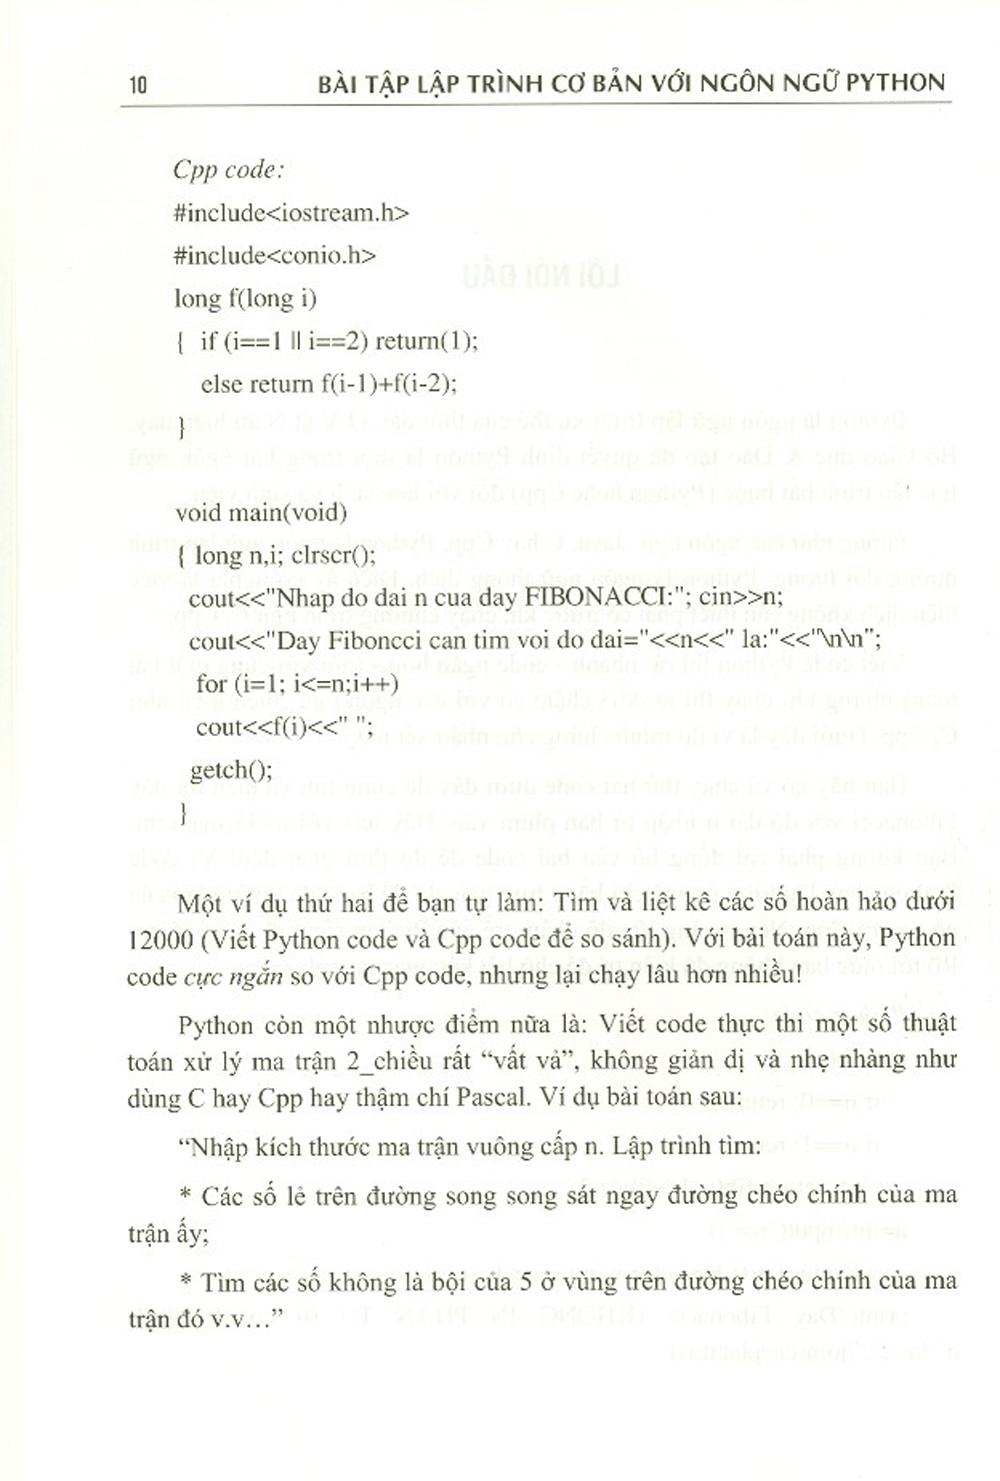 Bài Tập Lập Trình Cơ Bản Với Ngôn Ngữ Python